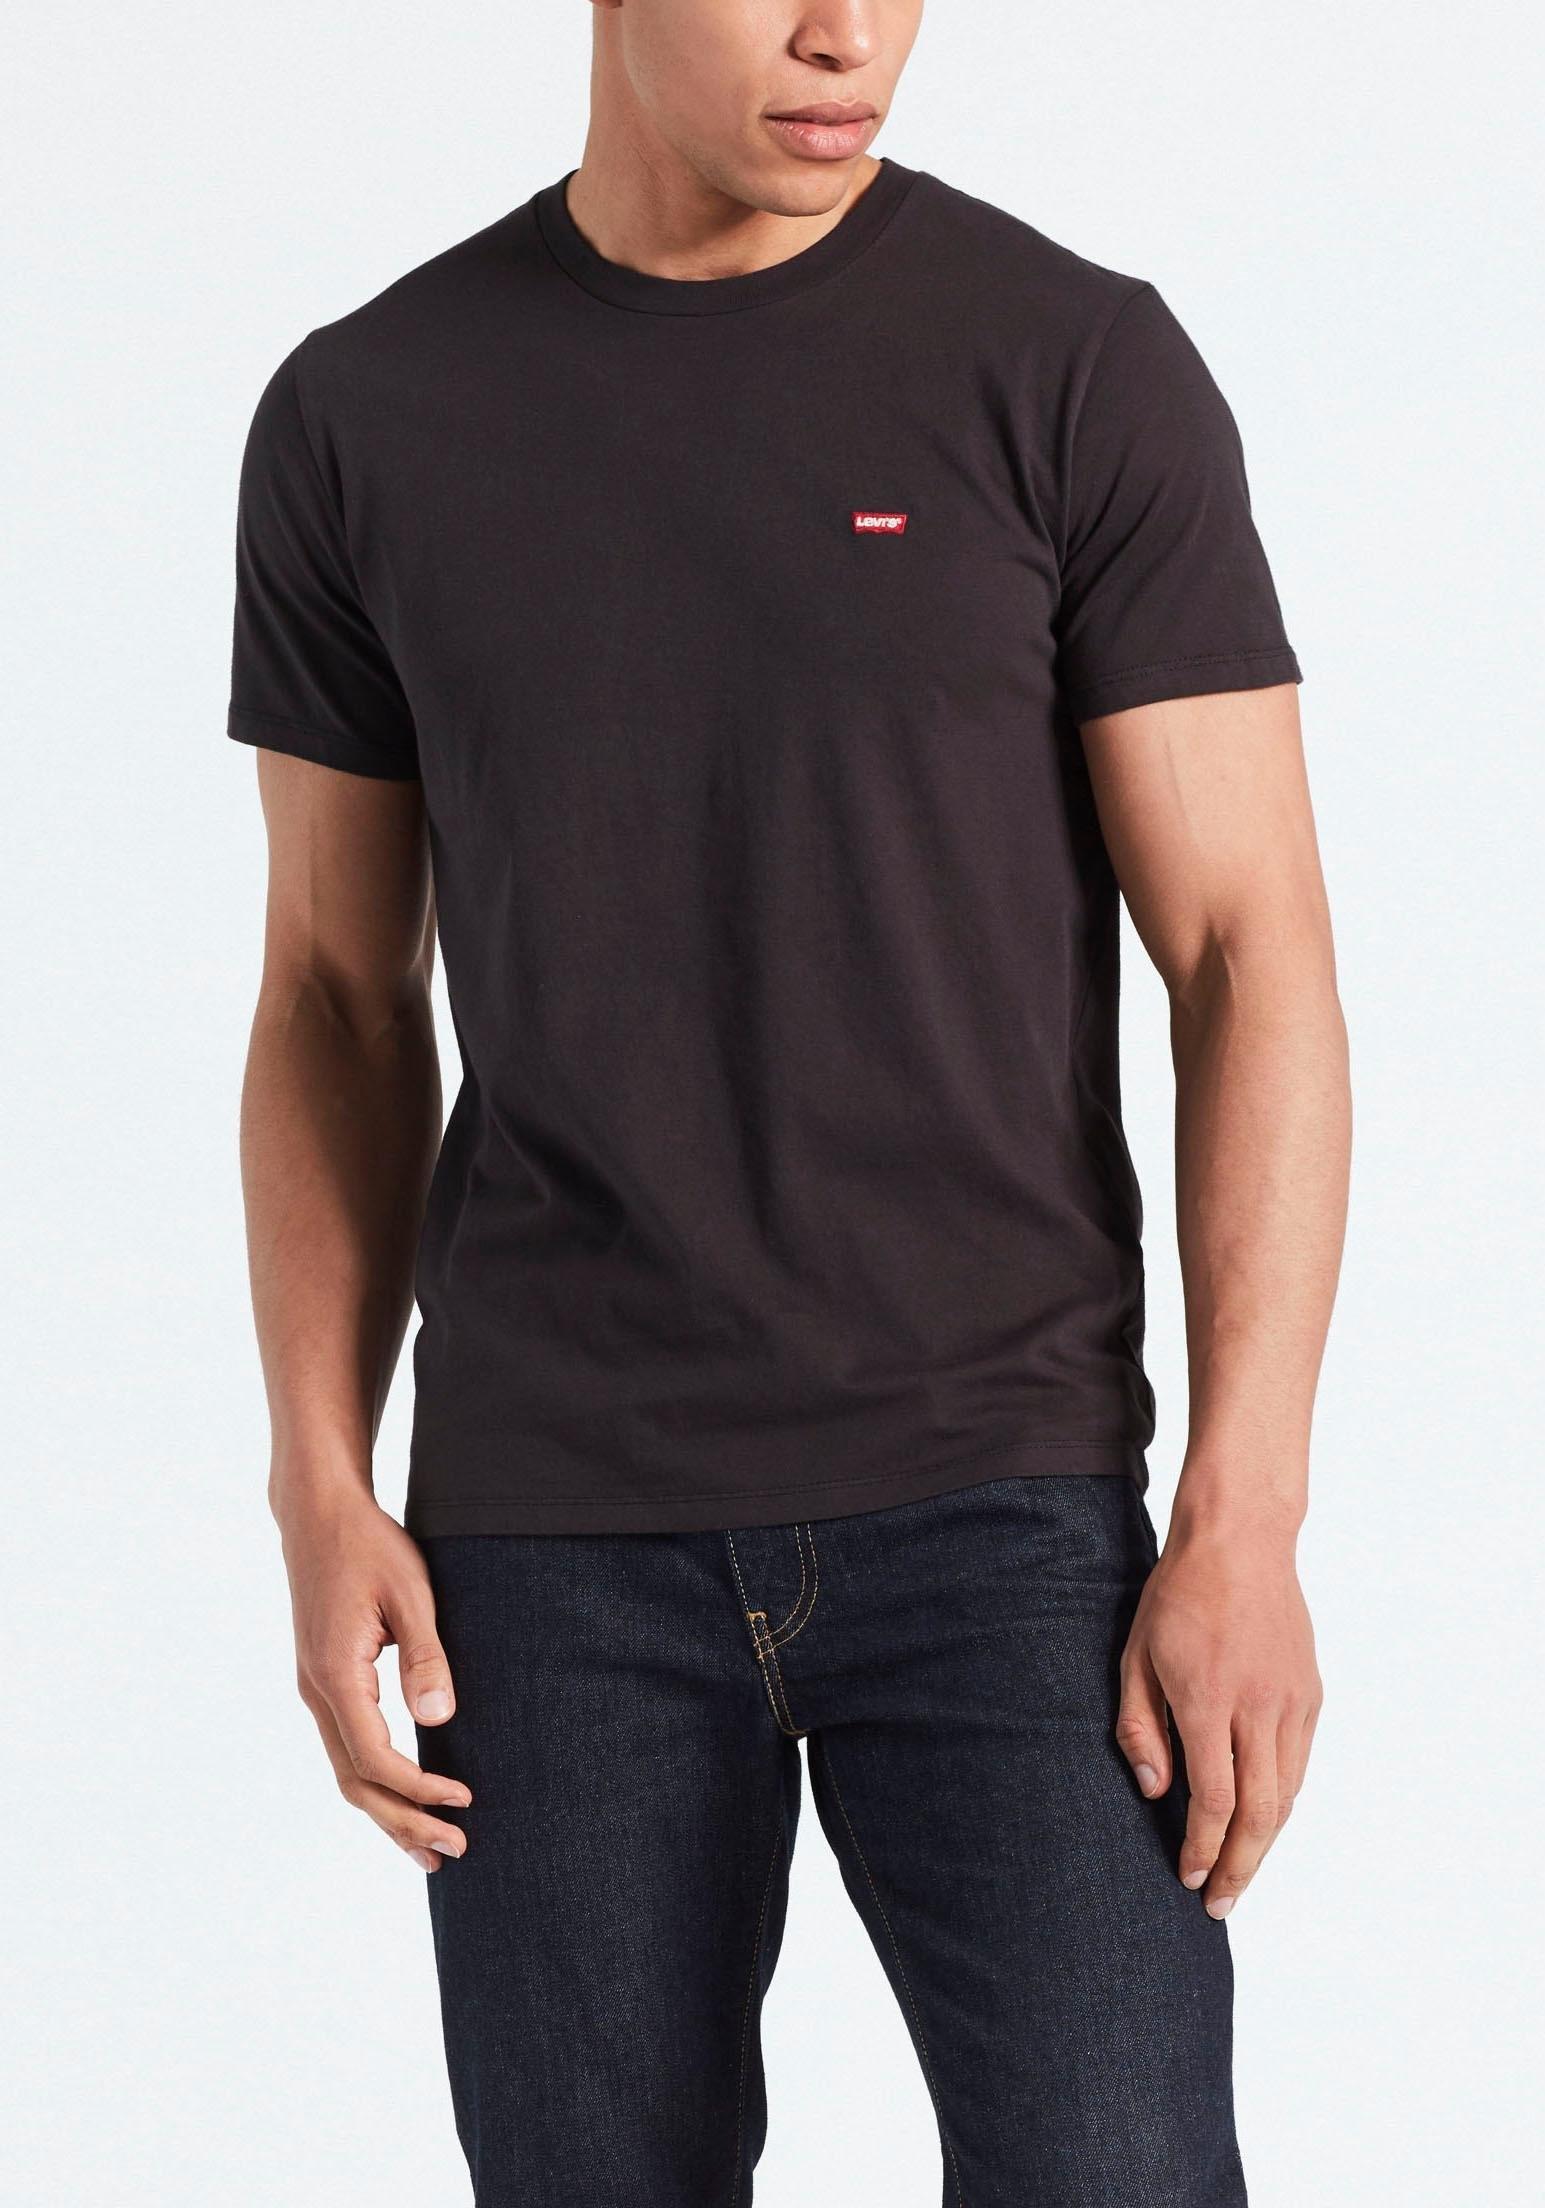 LEVI'S ® T-shirt voordelig en veilig online kopen